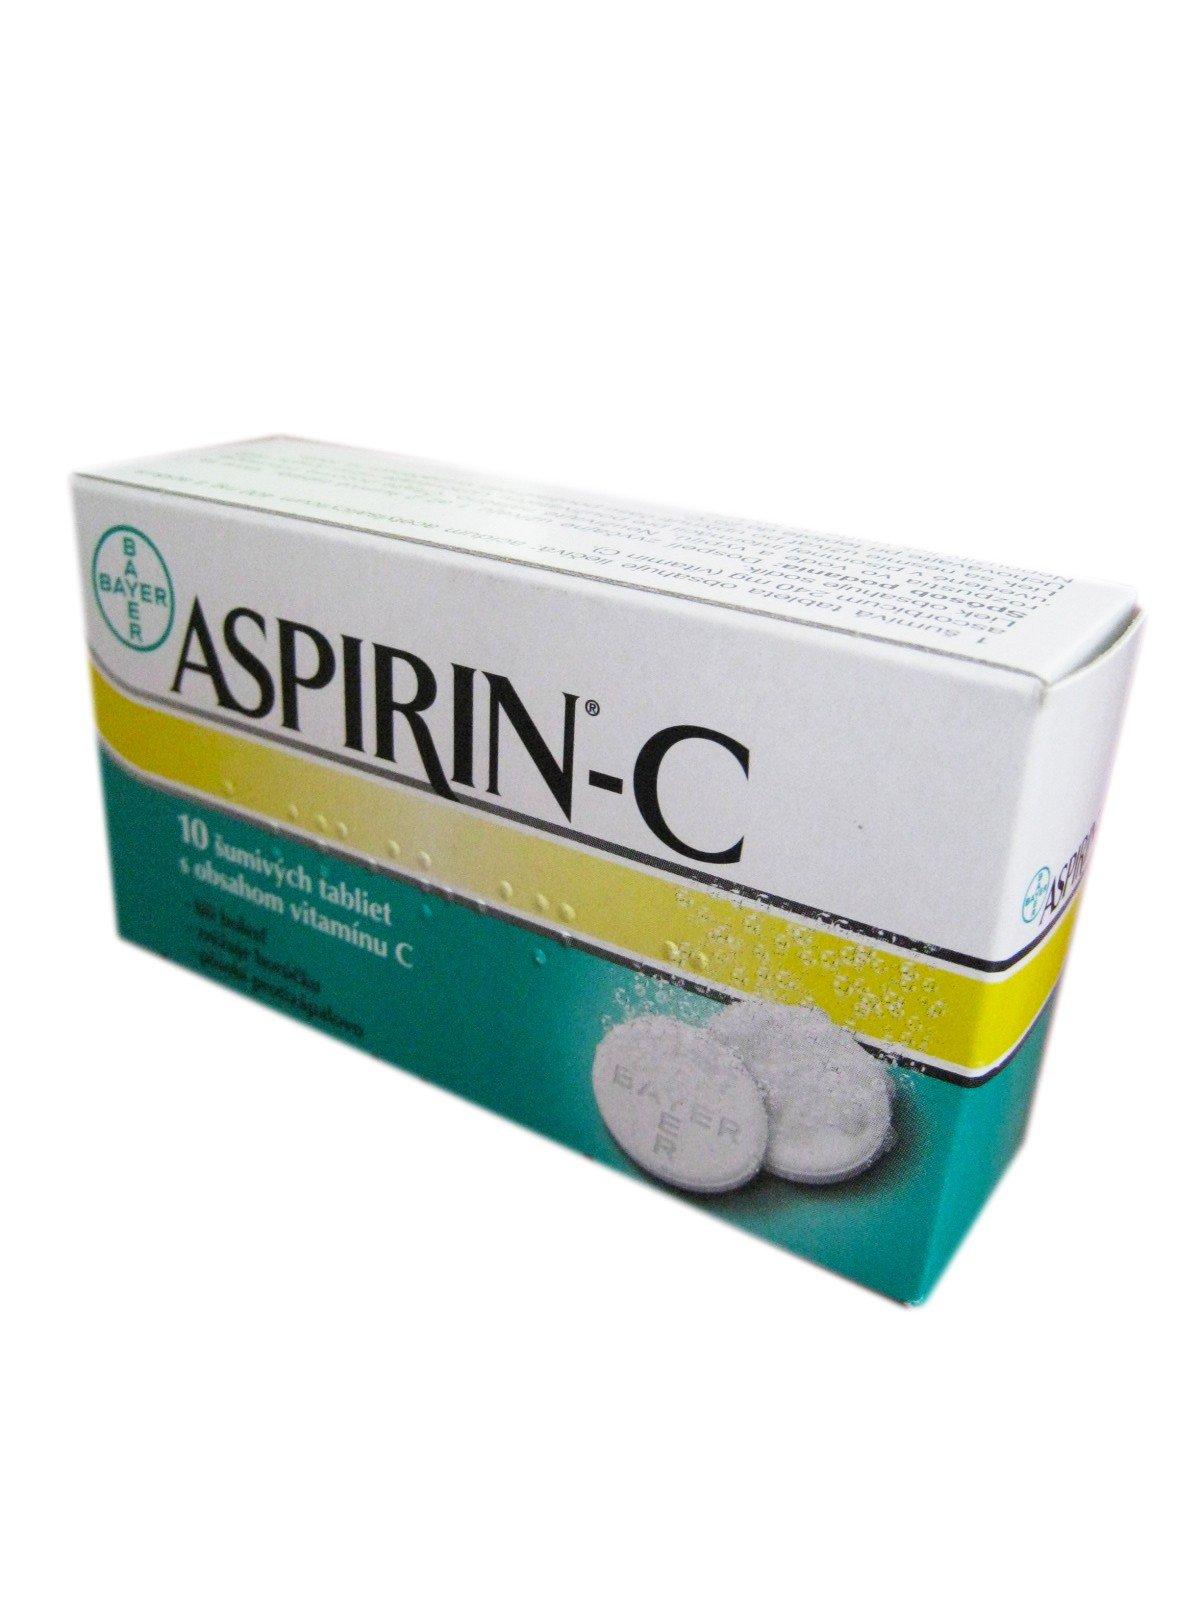 Aspirin-C eff 10tbl